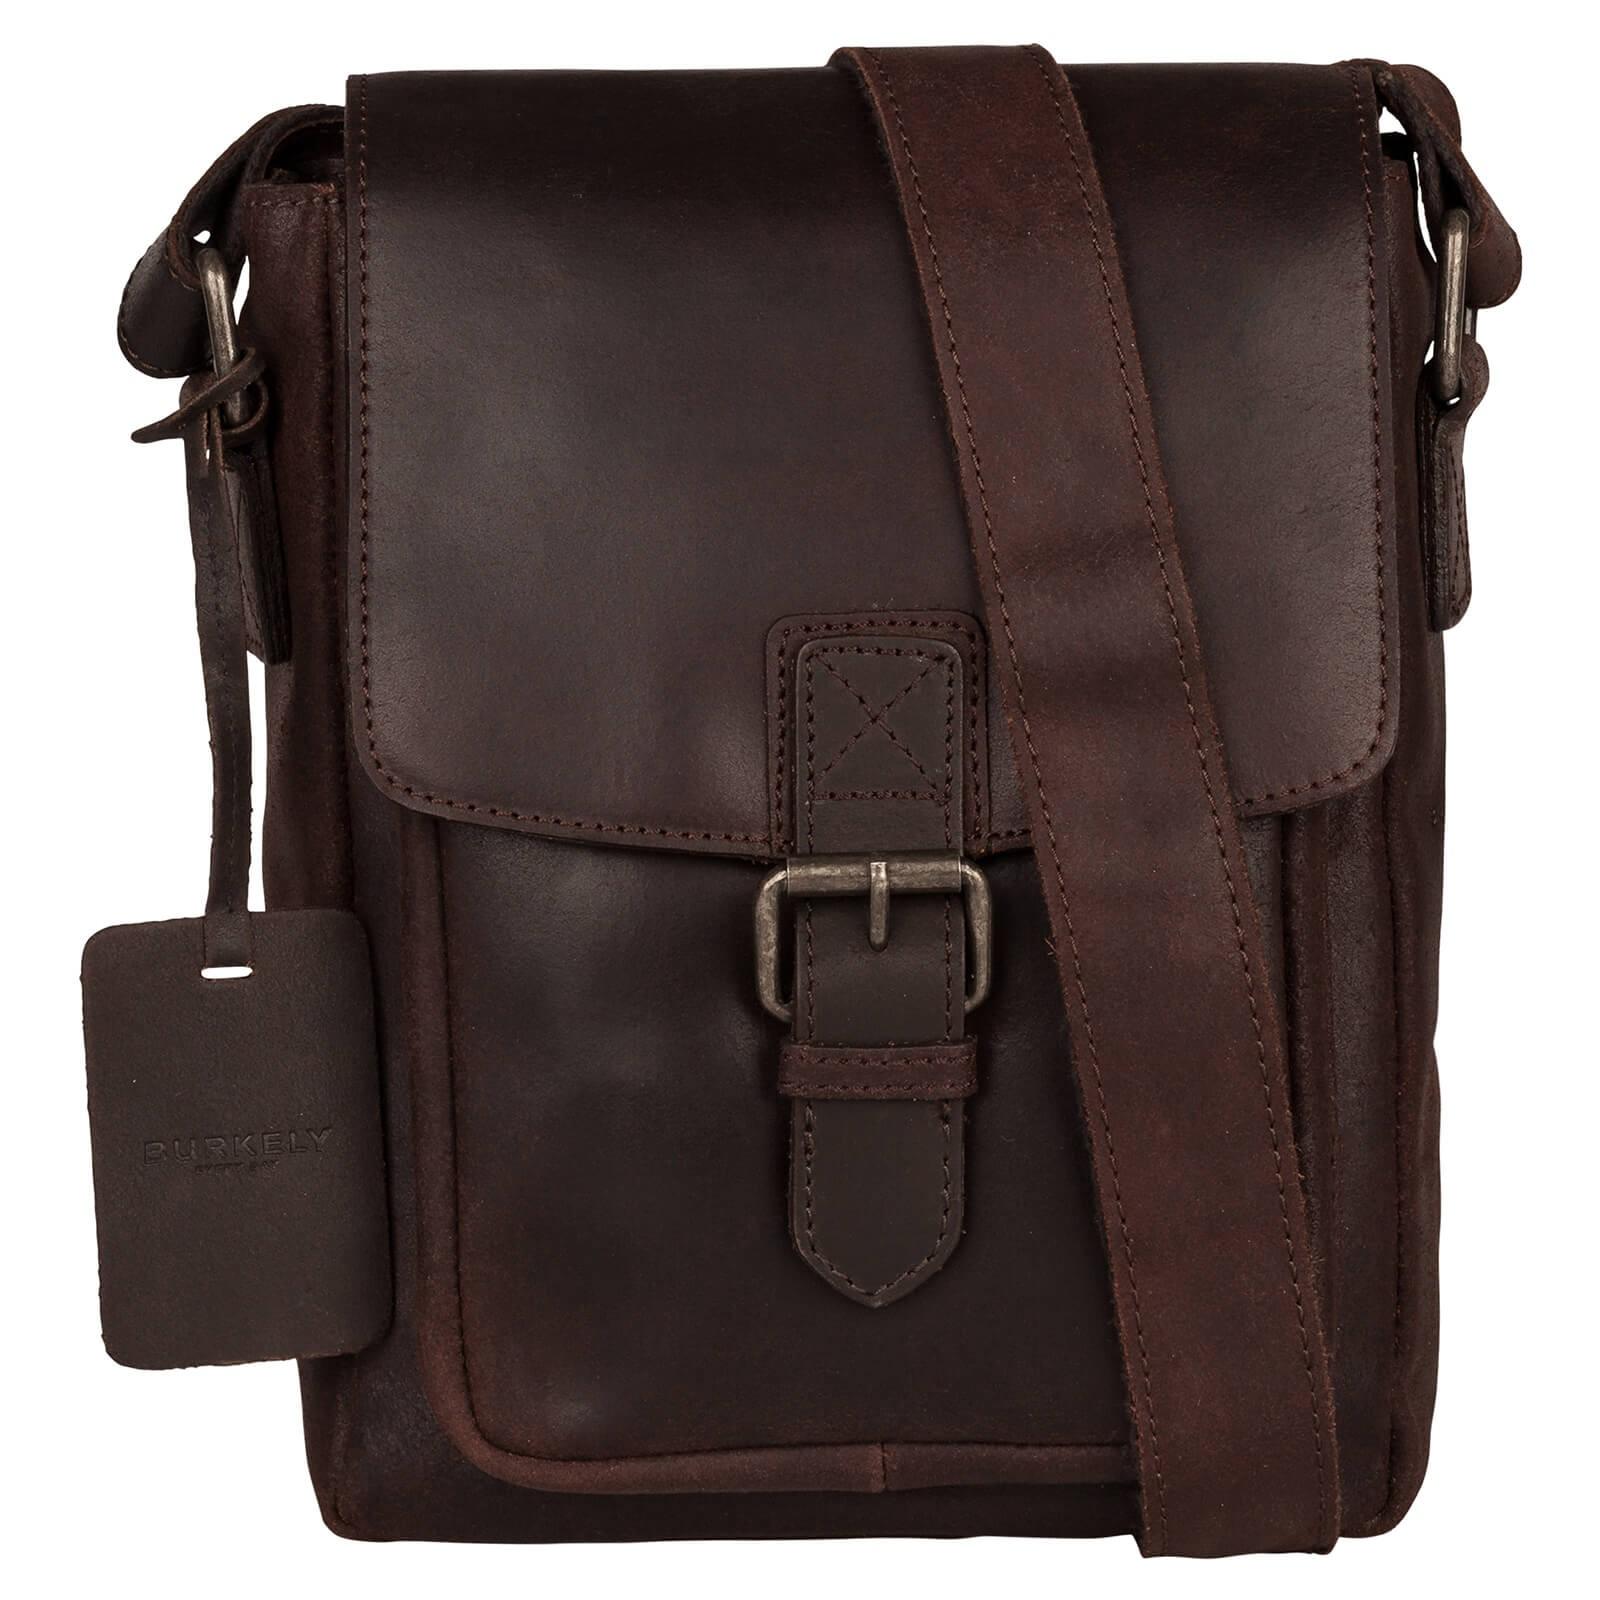 Pánska kožená taška cez rameno Burkely Luke - tmavo hnedá